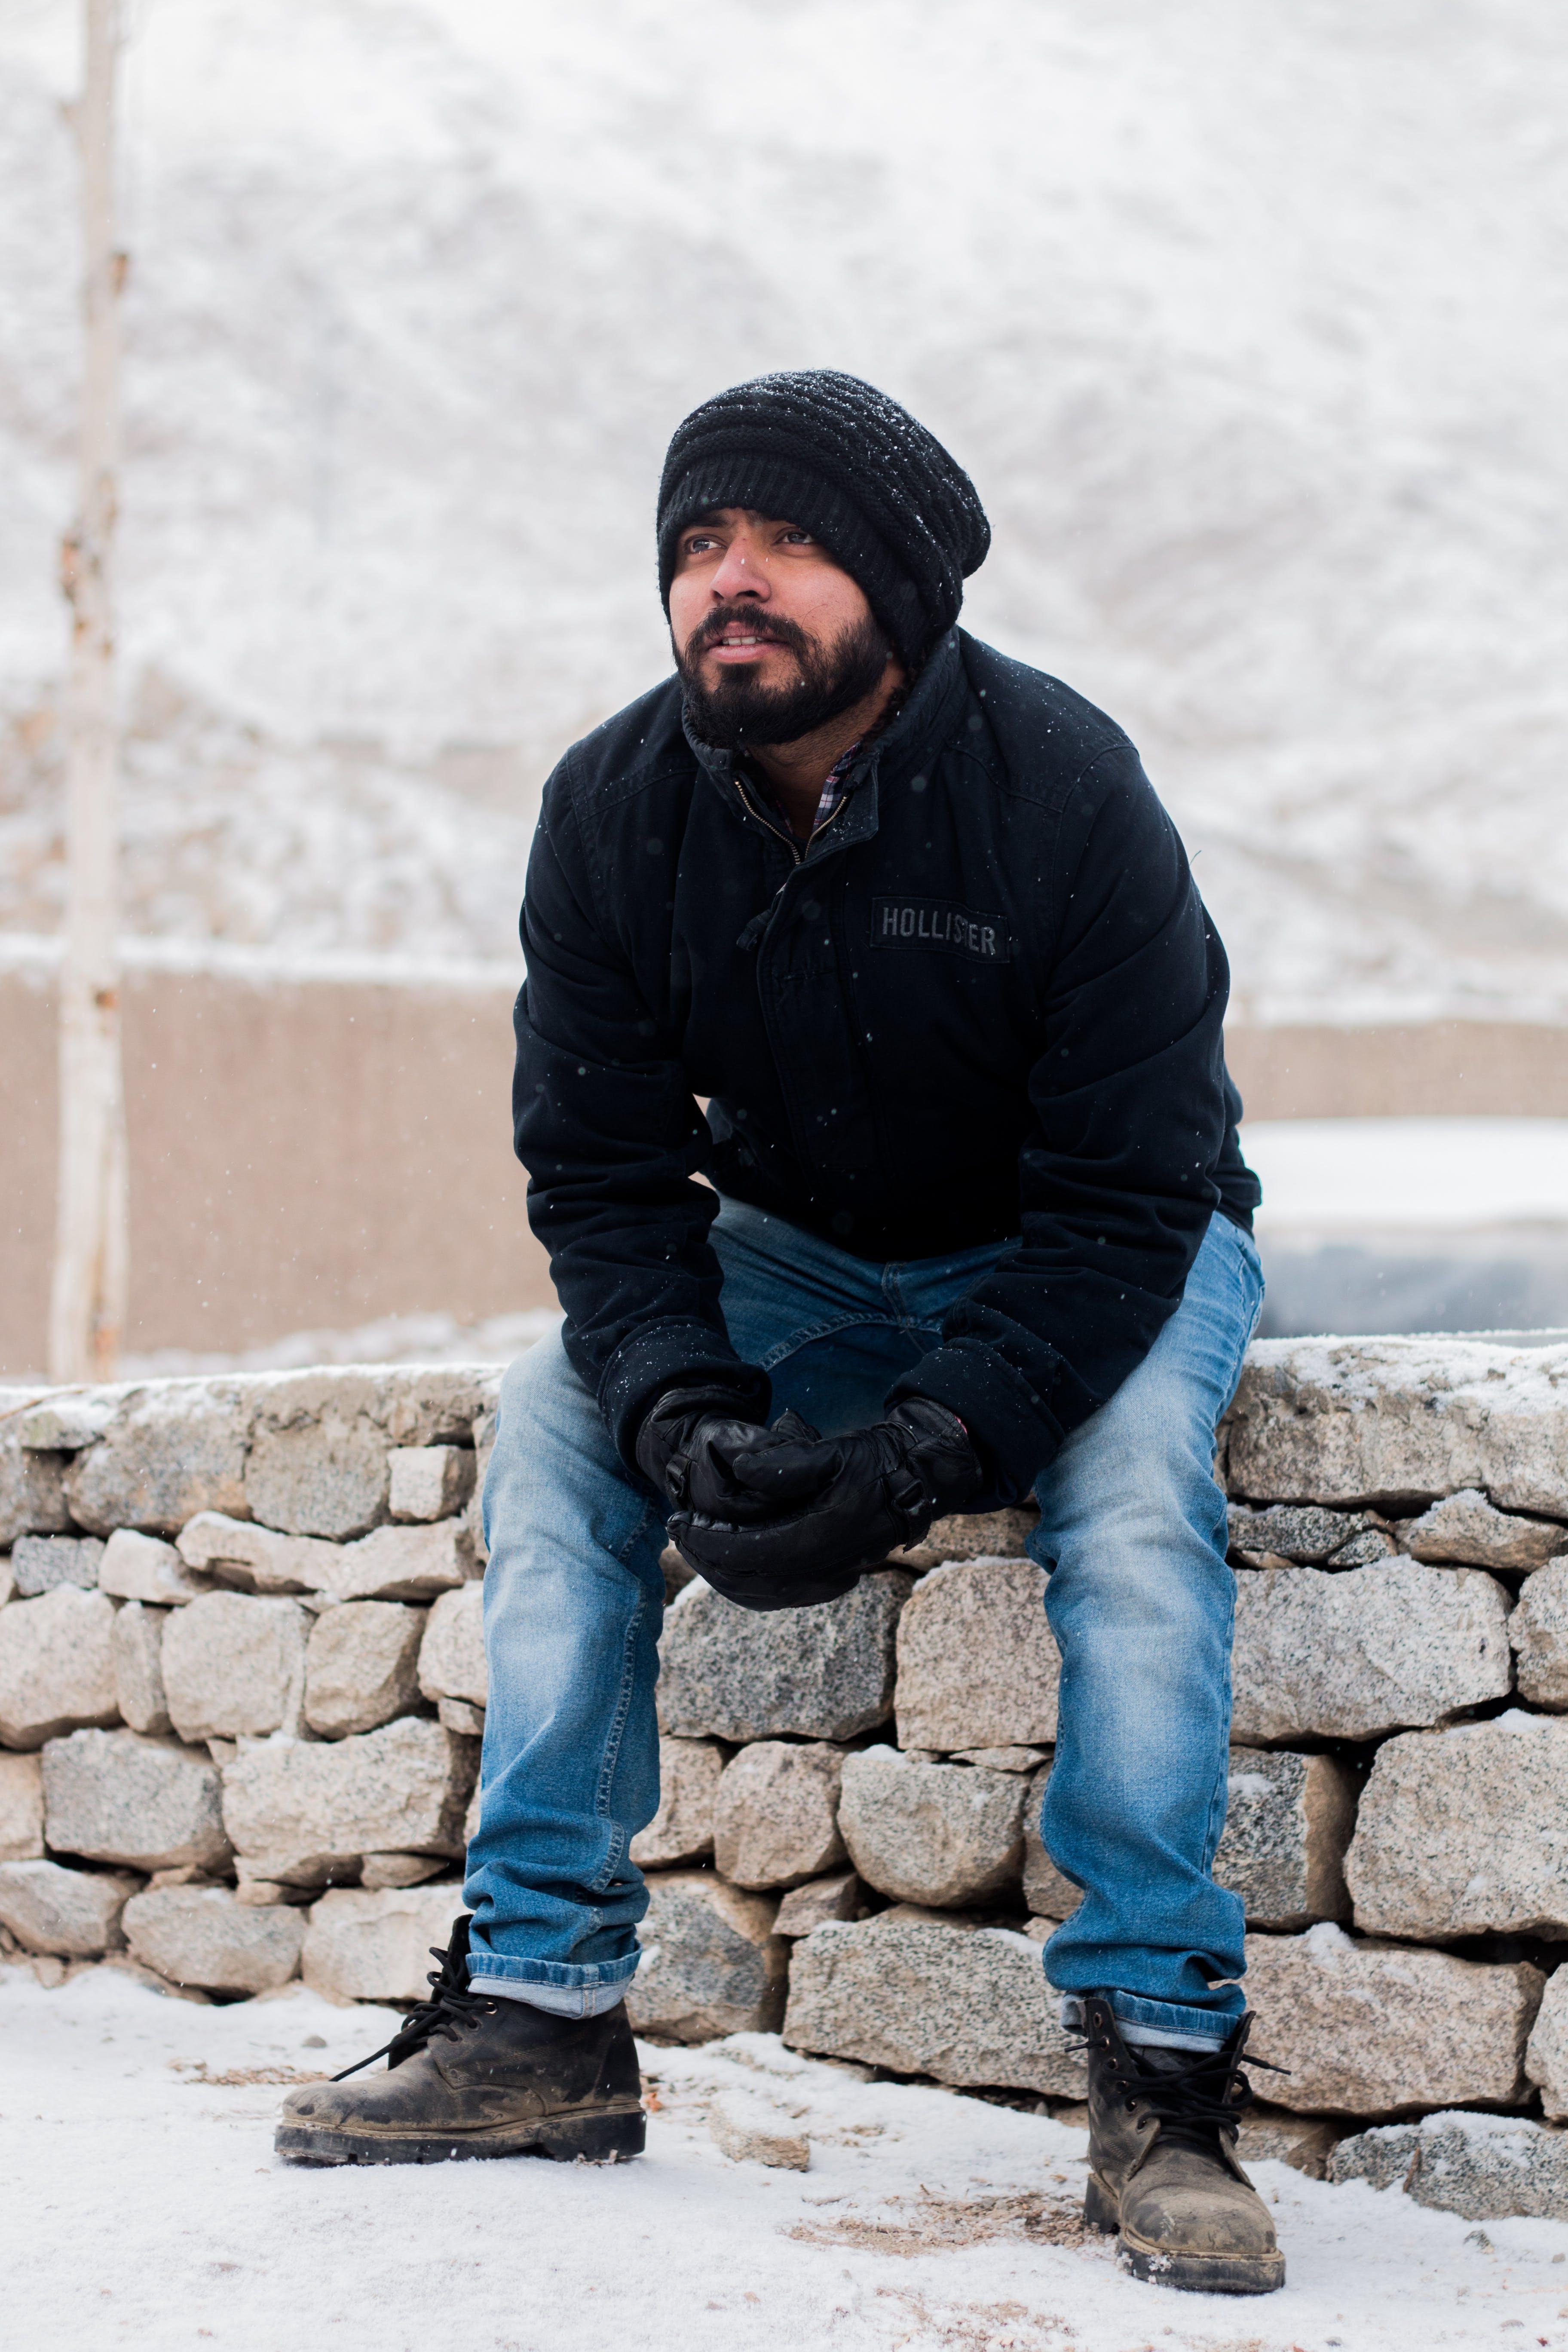 Man Sitting on Rock Wearing Black Jacket